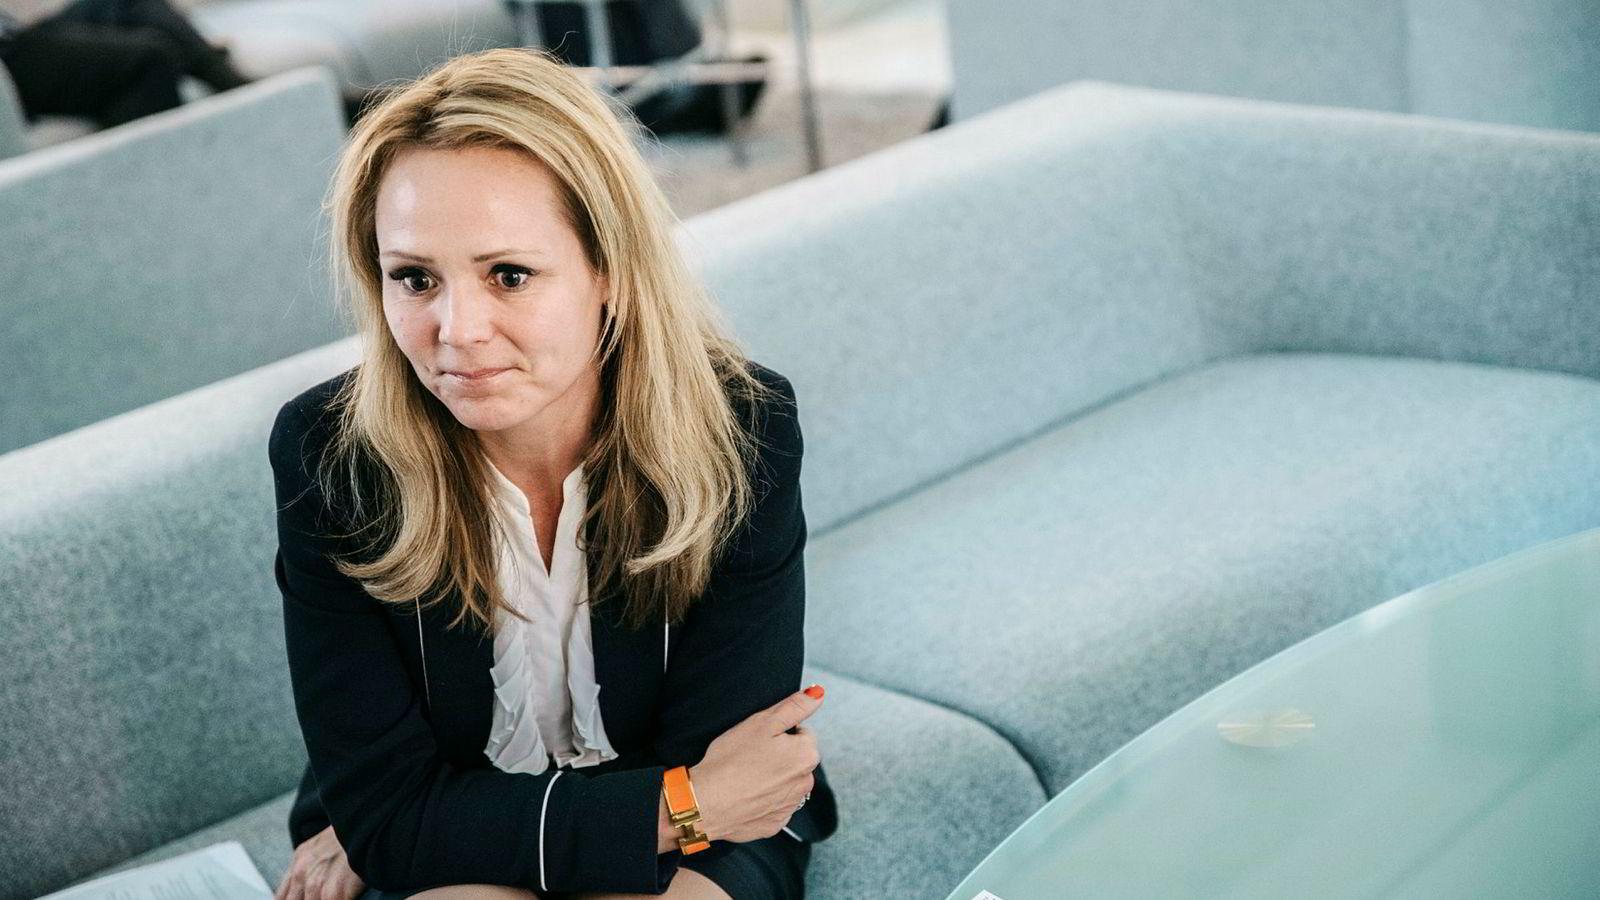 Barne- og likestillingsminister Linda Hofstad Helleland har frontet saken som nå fører til søksmål mot den norske staten.